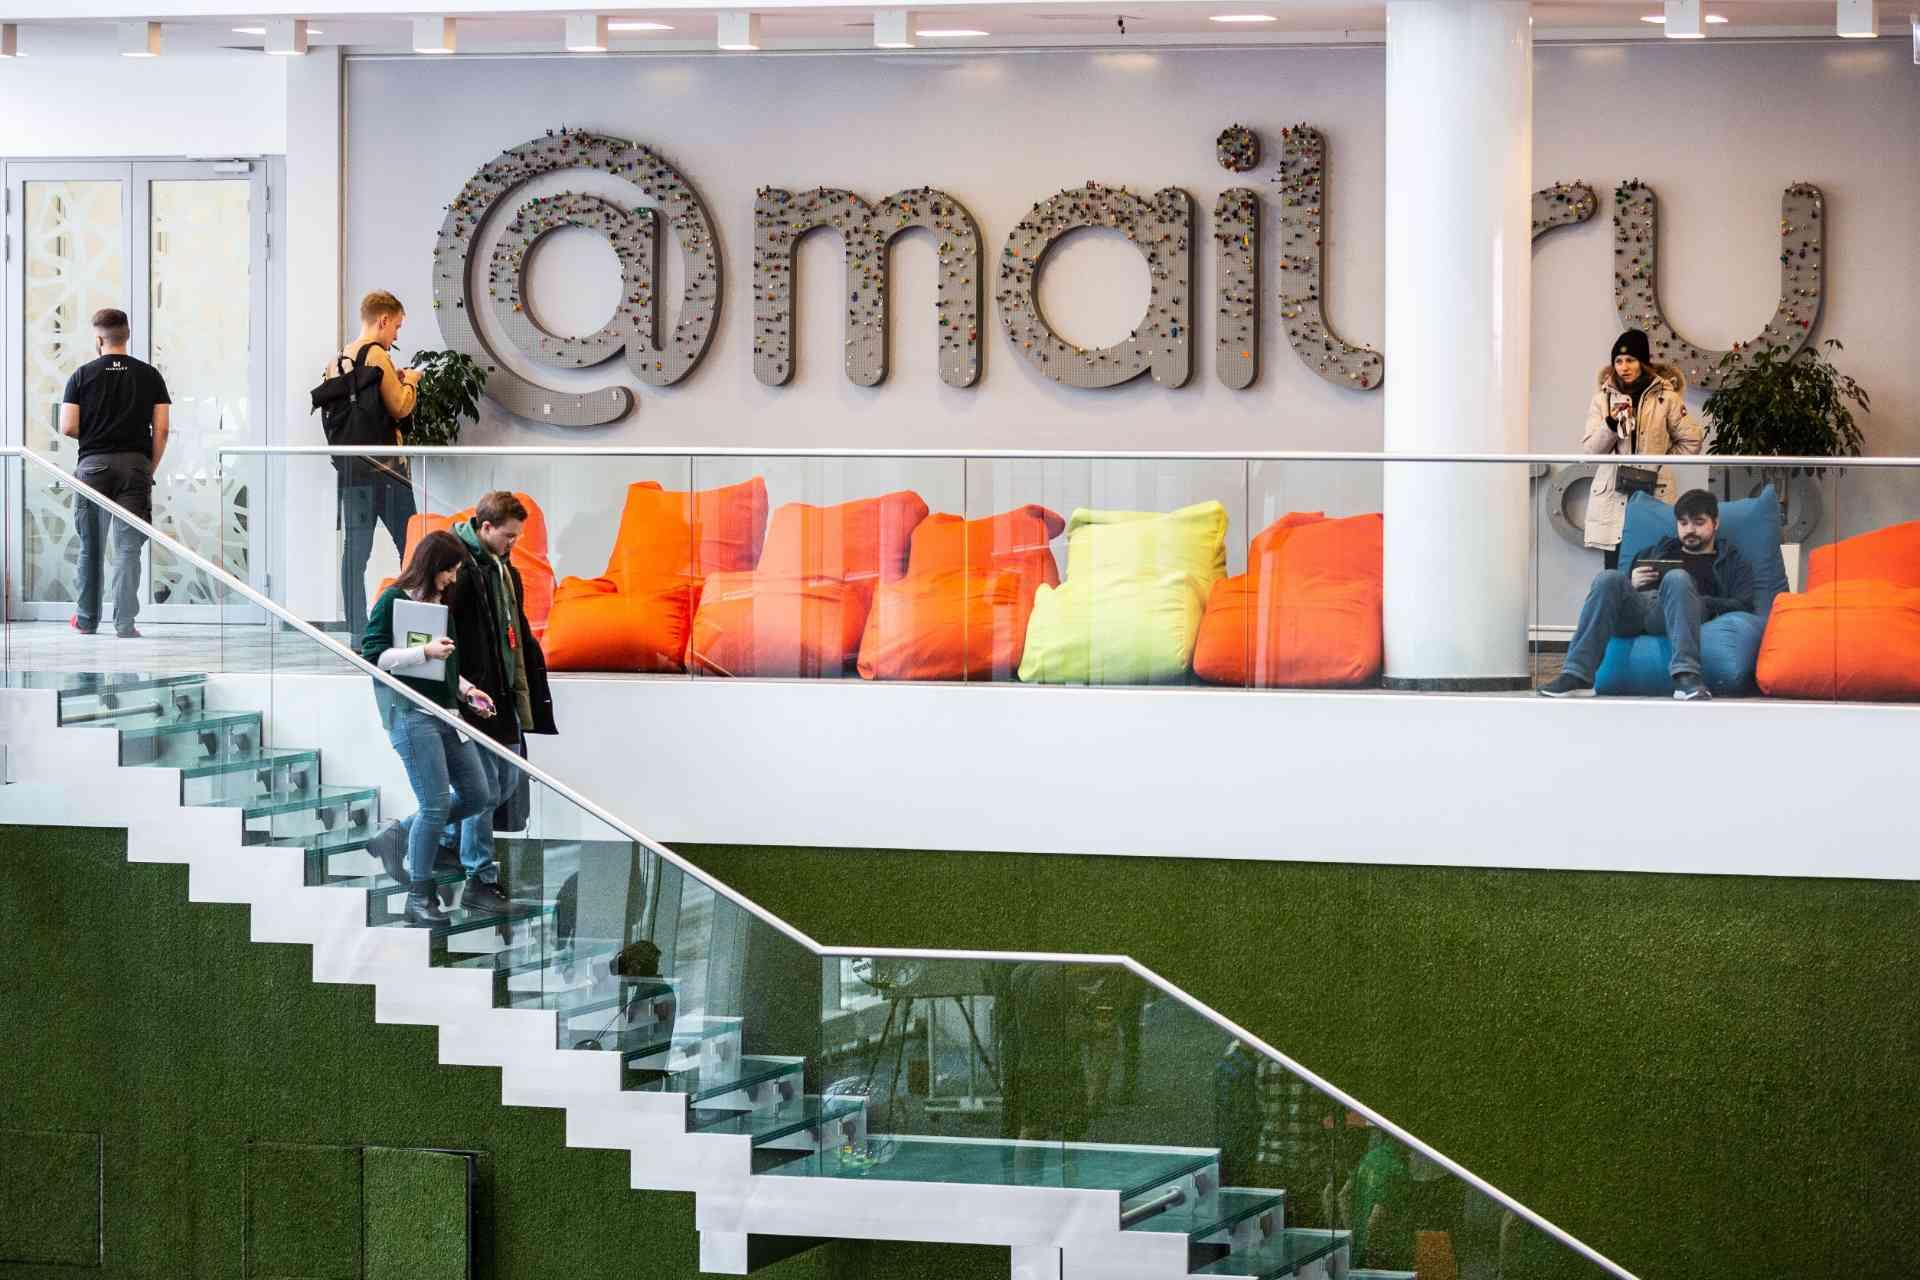 Mail.ru Group навсегда перейдёт на гибридную удалёнку, потому что сотрудники не хотят возвращаться в офис